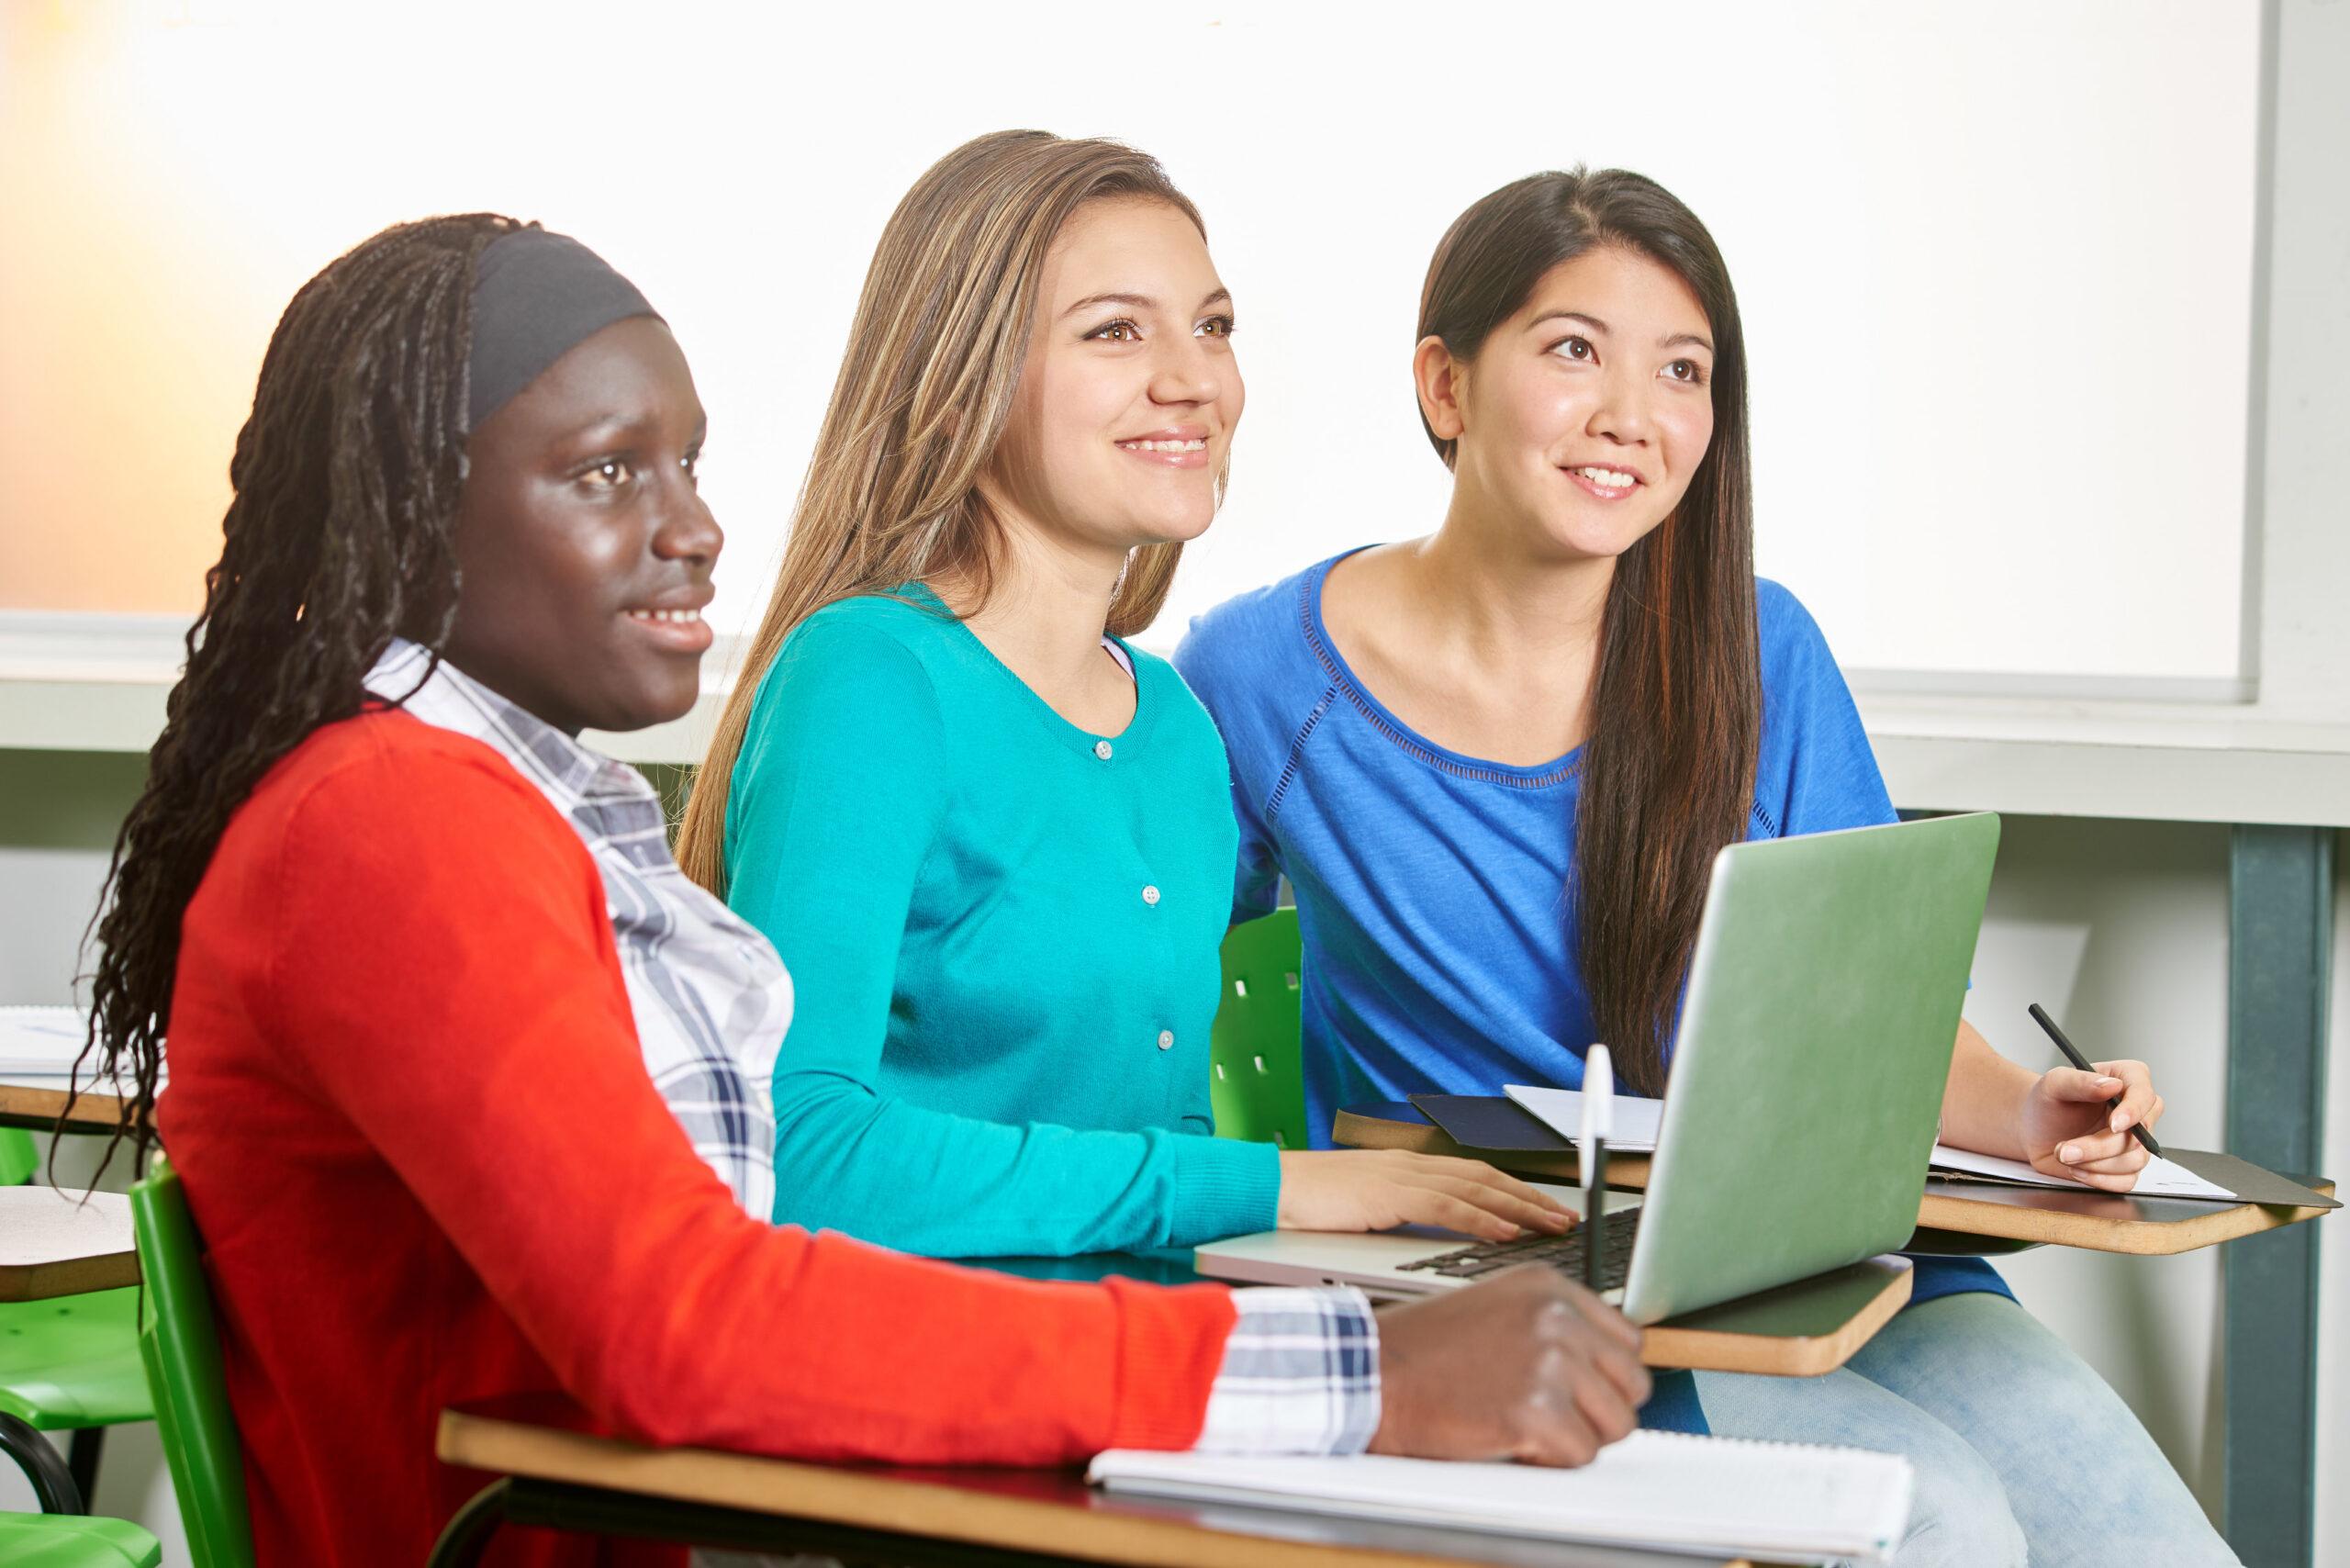 Drei Schülerinnen blickend gespannt und lächelnd nach vorne.